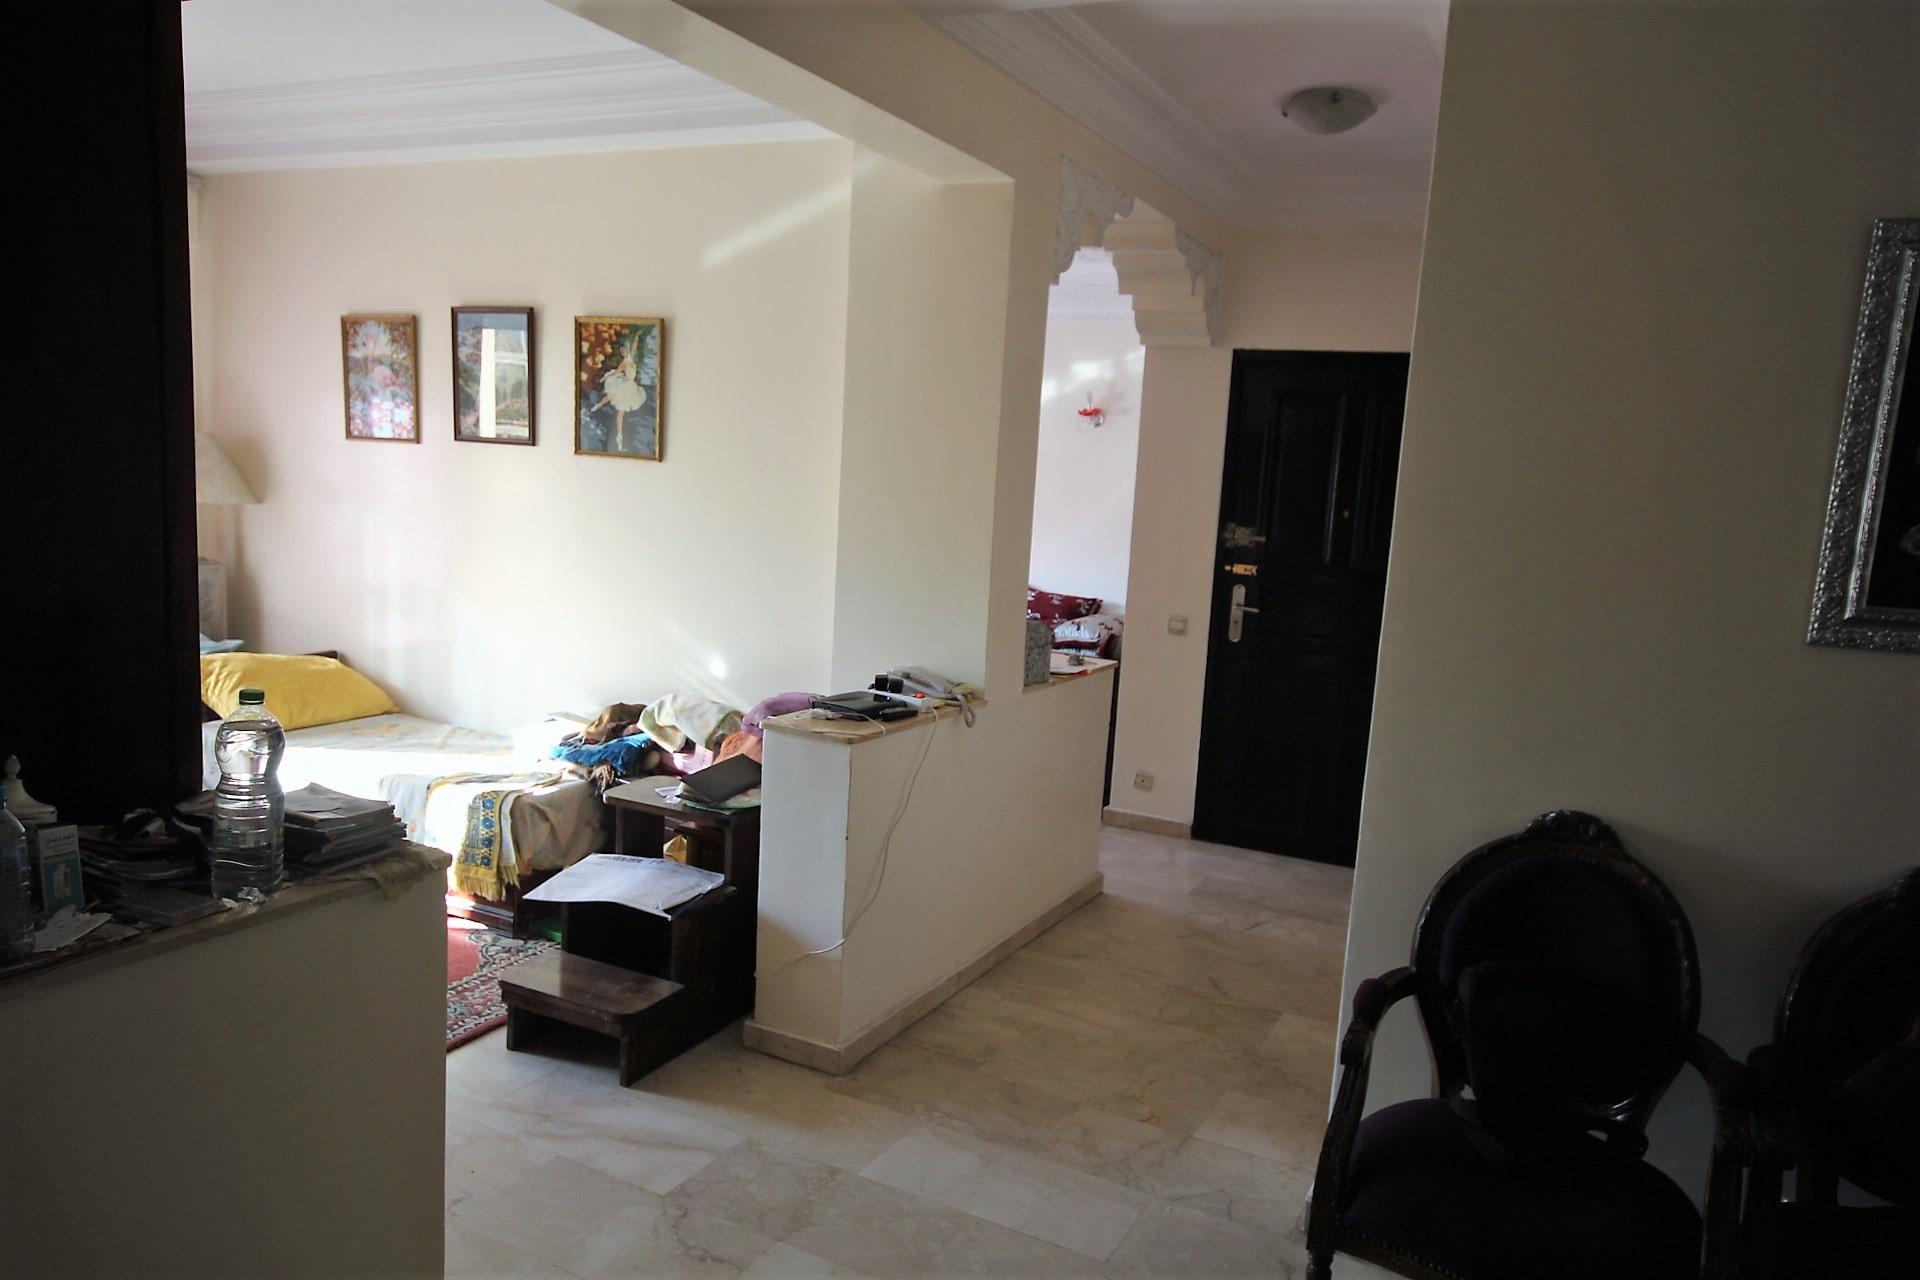 Casablanca, Appartement à vendre 100 m² récent très ensoleillé avec 2 chambres